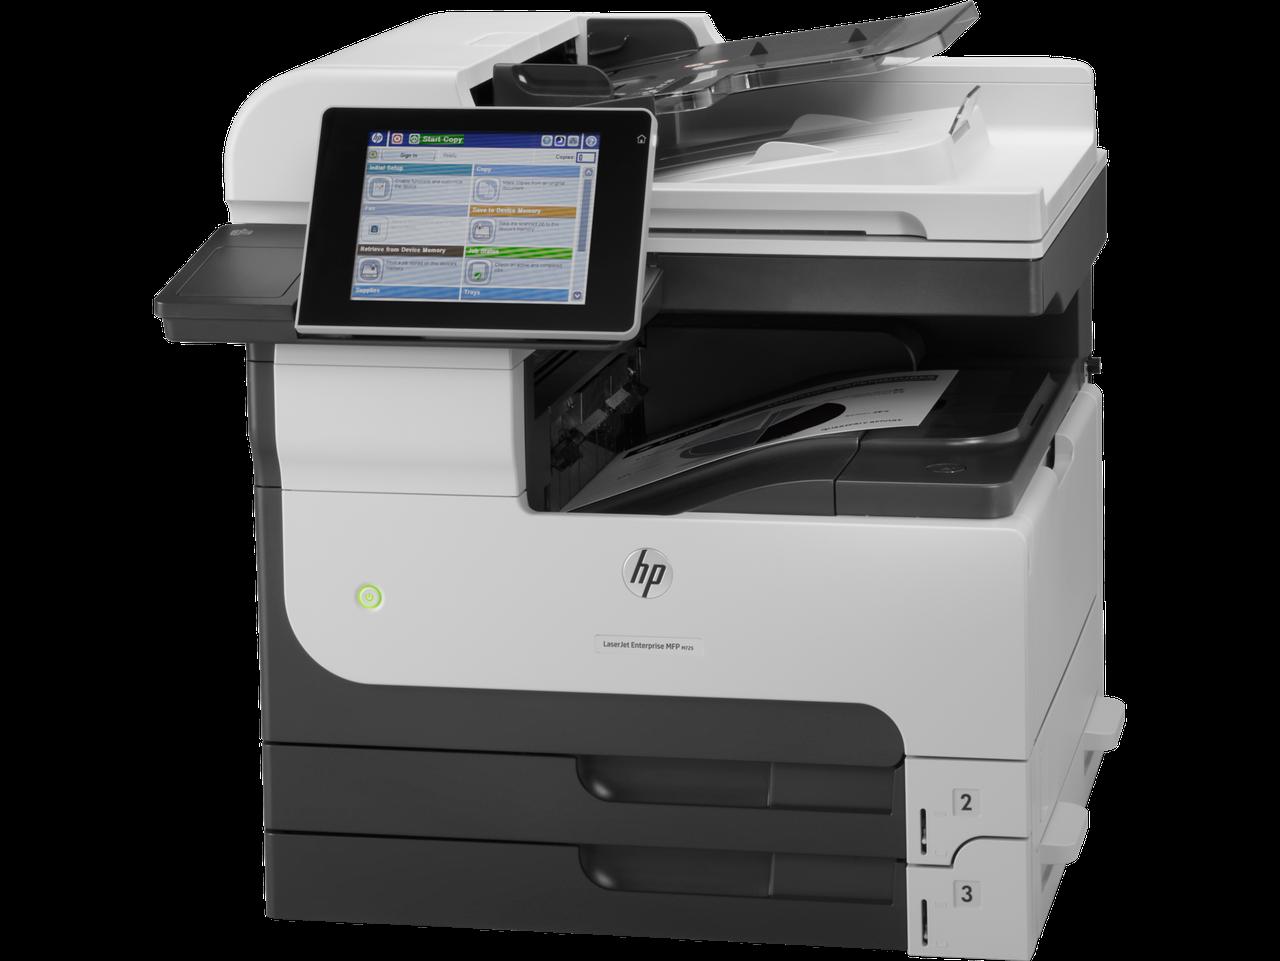 МФУ HP LaserJet Enterprise 700 CF066A M725dn ч/б., A3, Печать:1200x 1200dpi, 41ppm, Скан-е:600dpi /Копир-ие:60